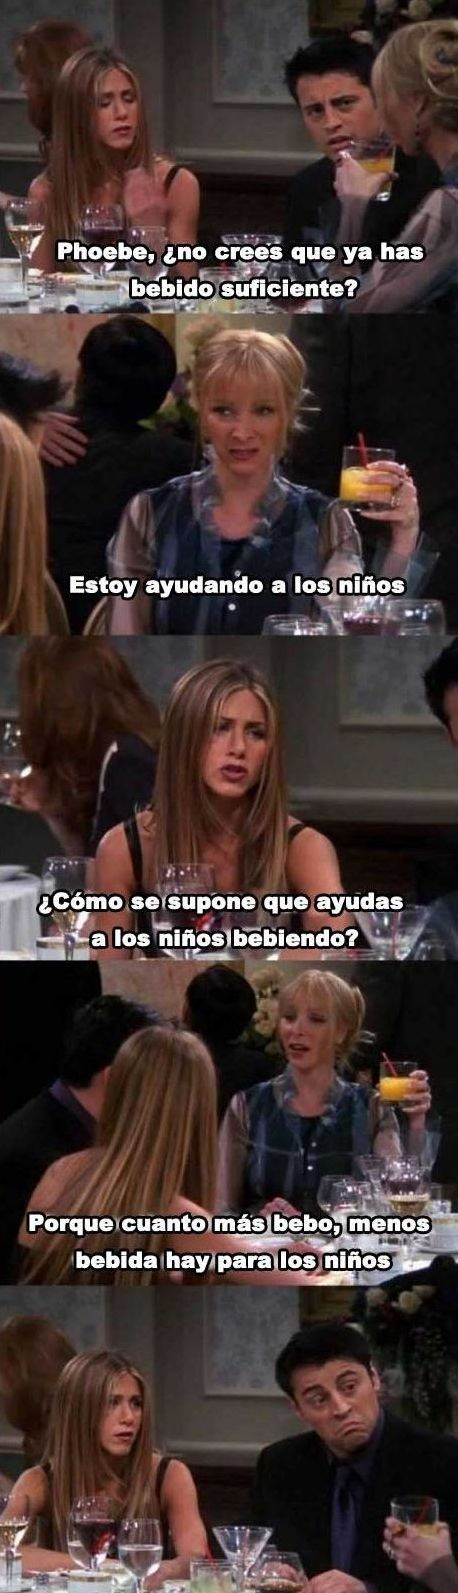 Phoebe y su lógica aplastante